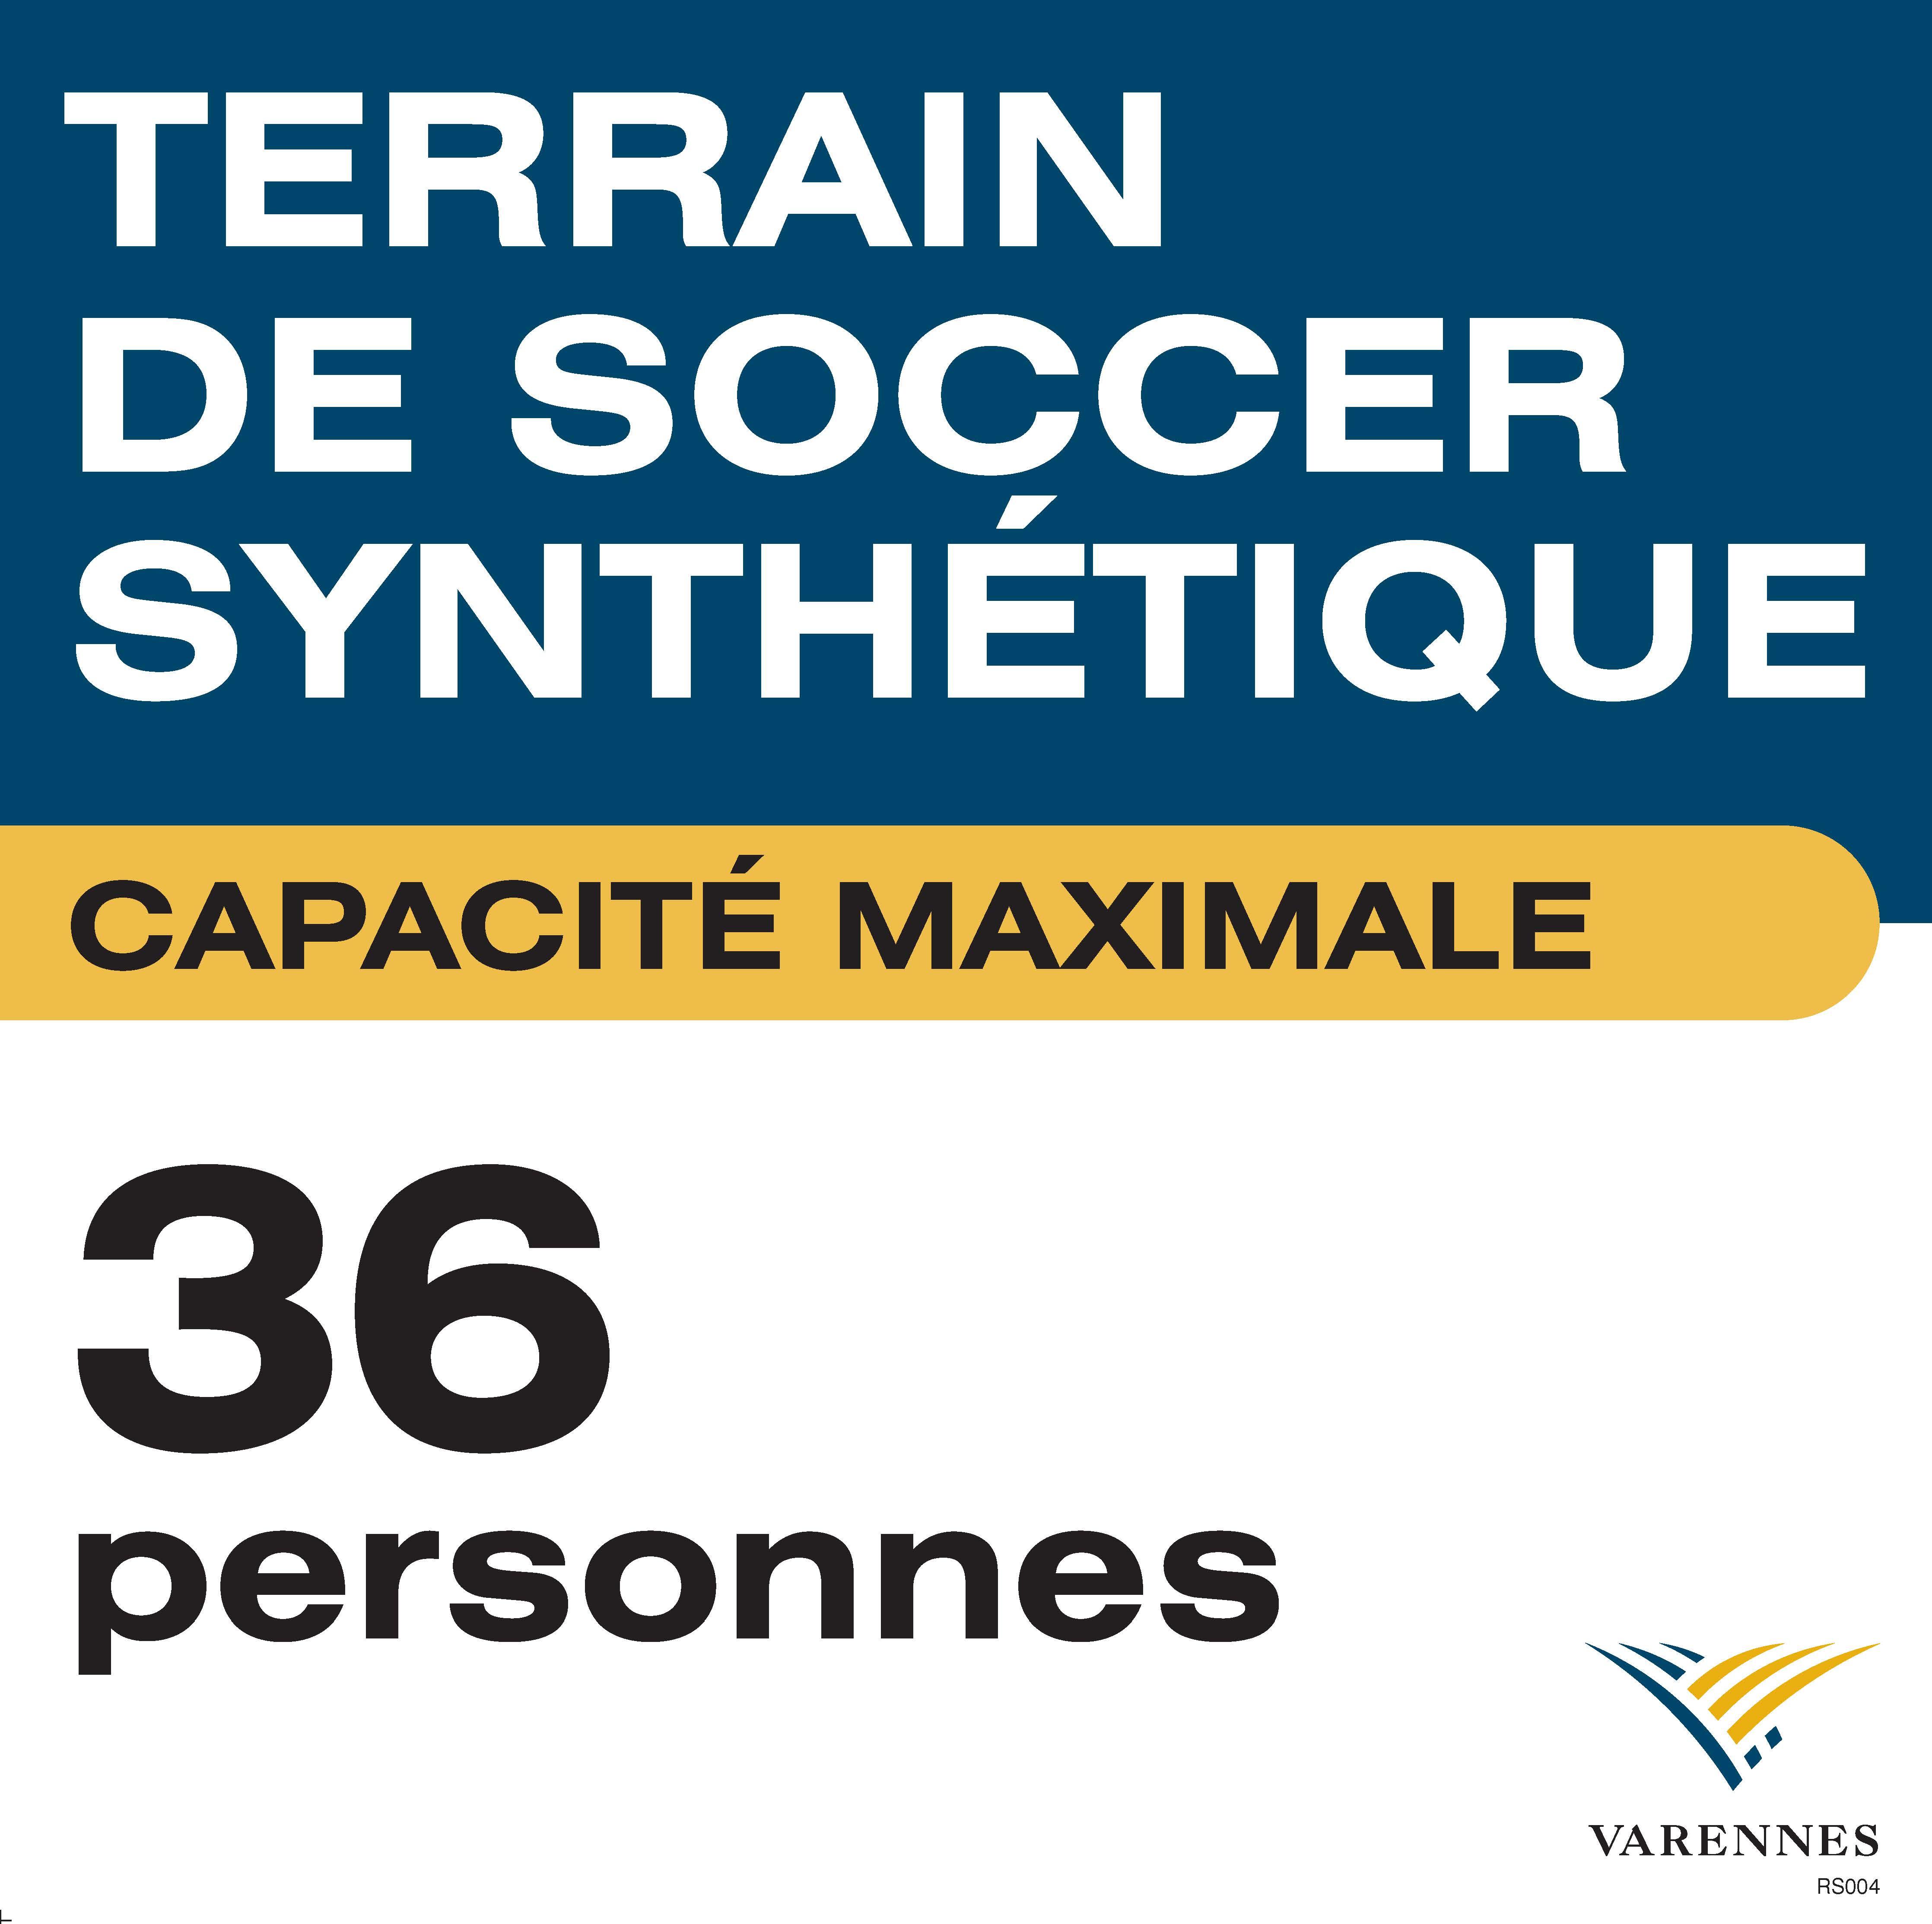 2021-04-21_-_Terrain_soccer_synthetique.jpg (571 KB)